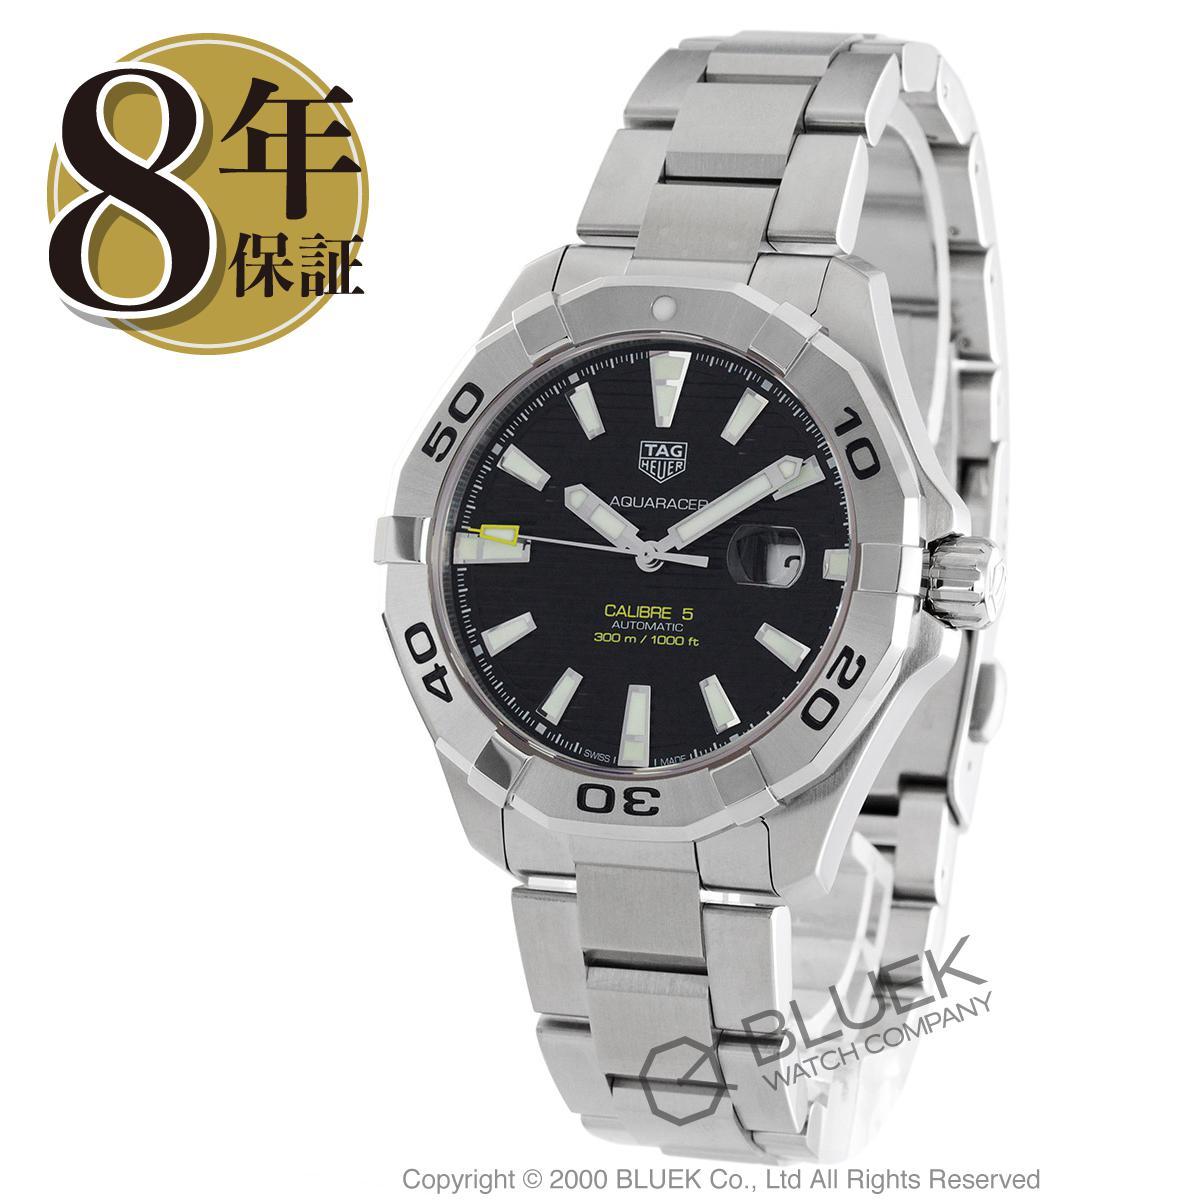 タグホイヤー アクアレーサー 300m防水 腕時計 メンズ TAG Heuer WAY2010.BA0927_8 バーゲン ギフト プレゼント